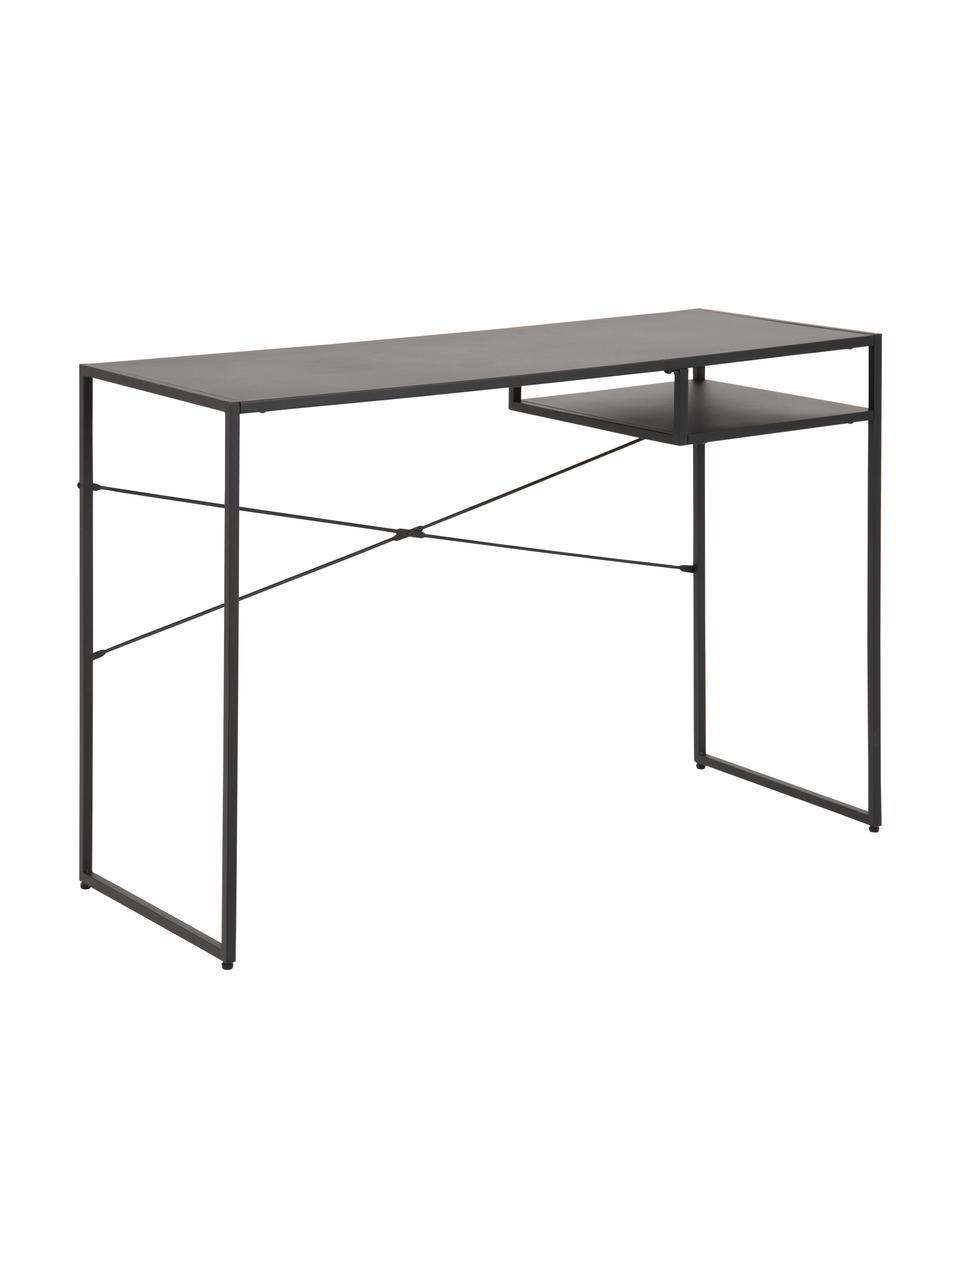 Metall-Schreibtisch Neptun in Schwarz, Metall, beschichtet, Schwarz, B 110 x T 45 cm